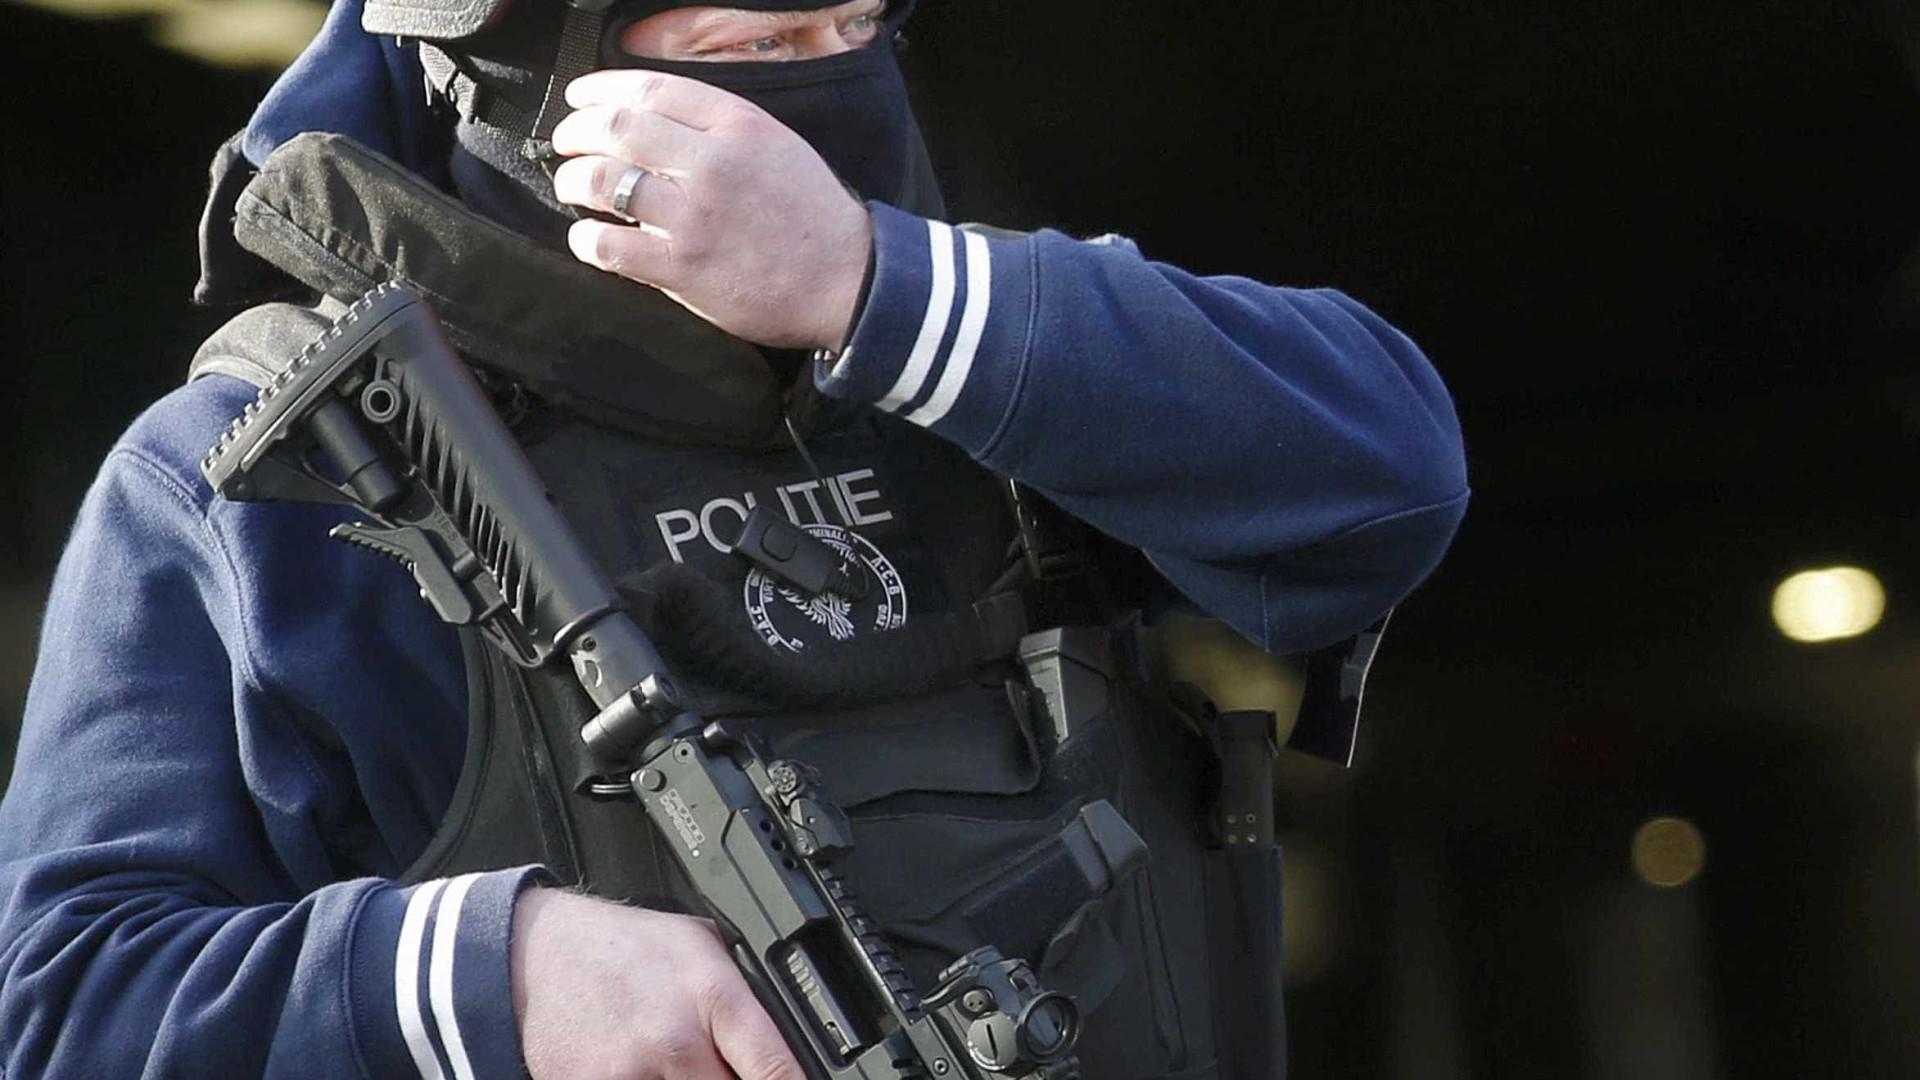 Três shoppings são evacuados na Bélgica após alerta de bomba